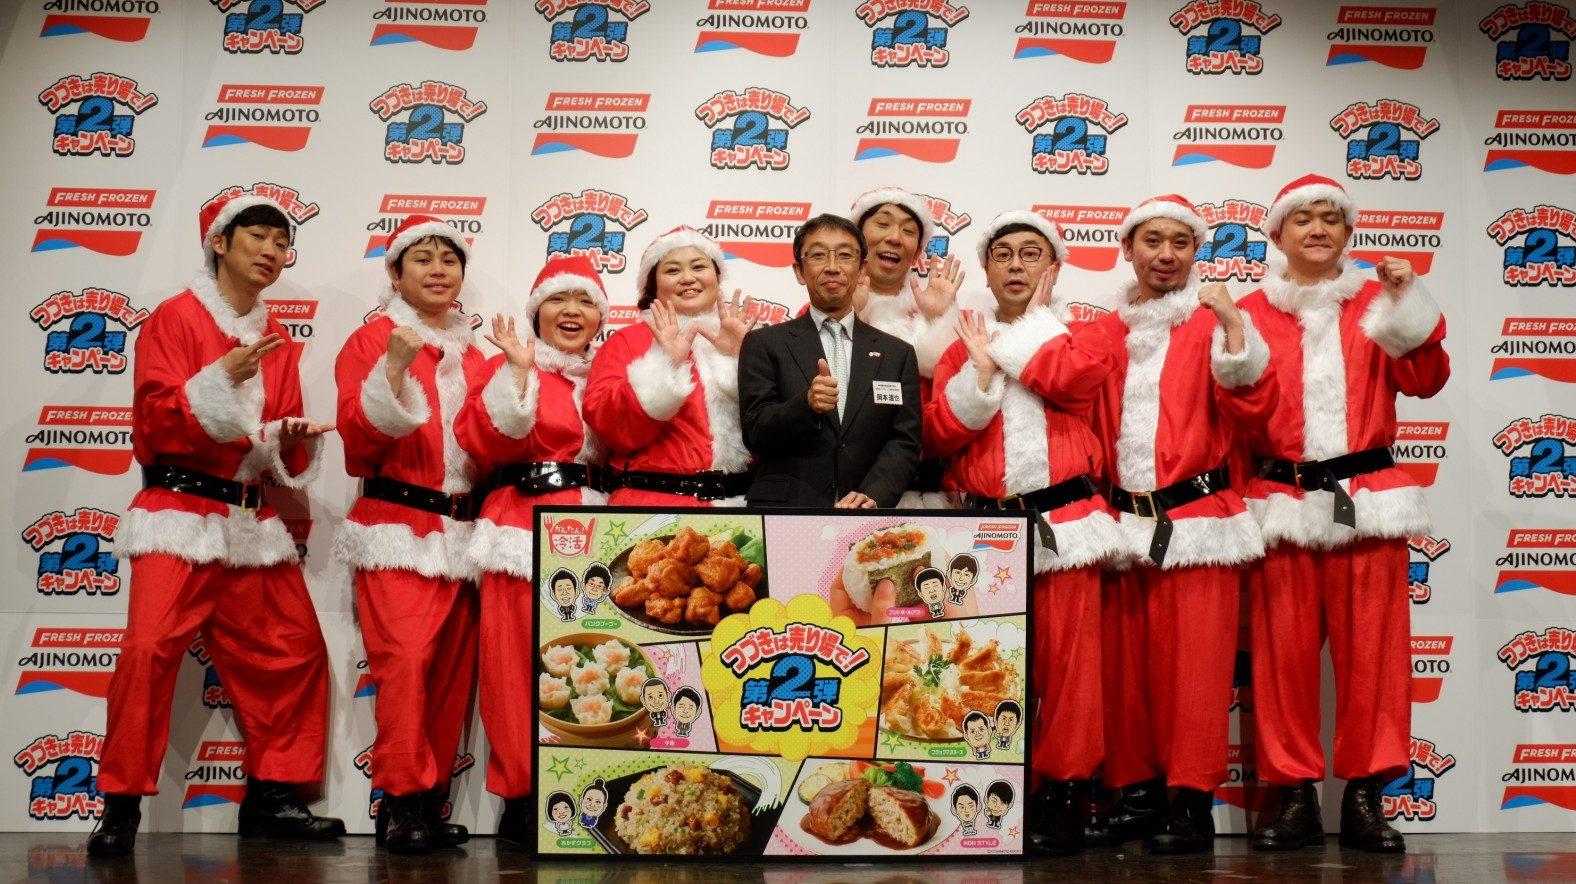 よしもと×味の素冷凍食品、キャンペーンスタートイベント! お笑い芸人ルポの動画で美味しい冷凍食品紹介します